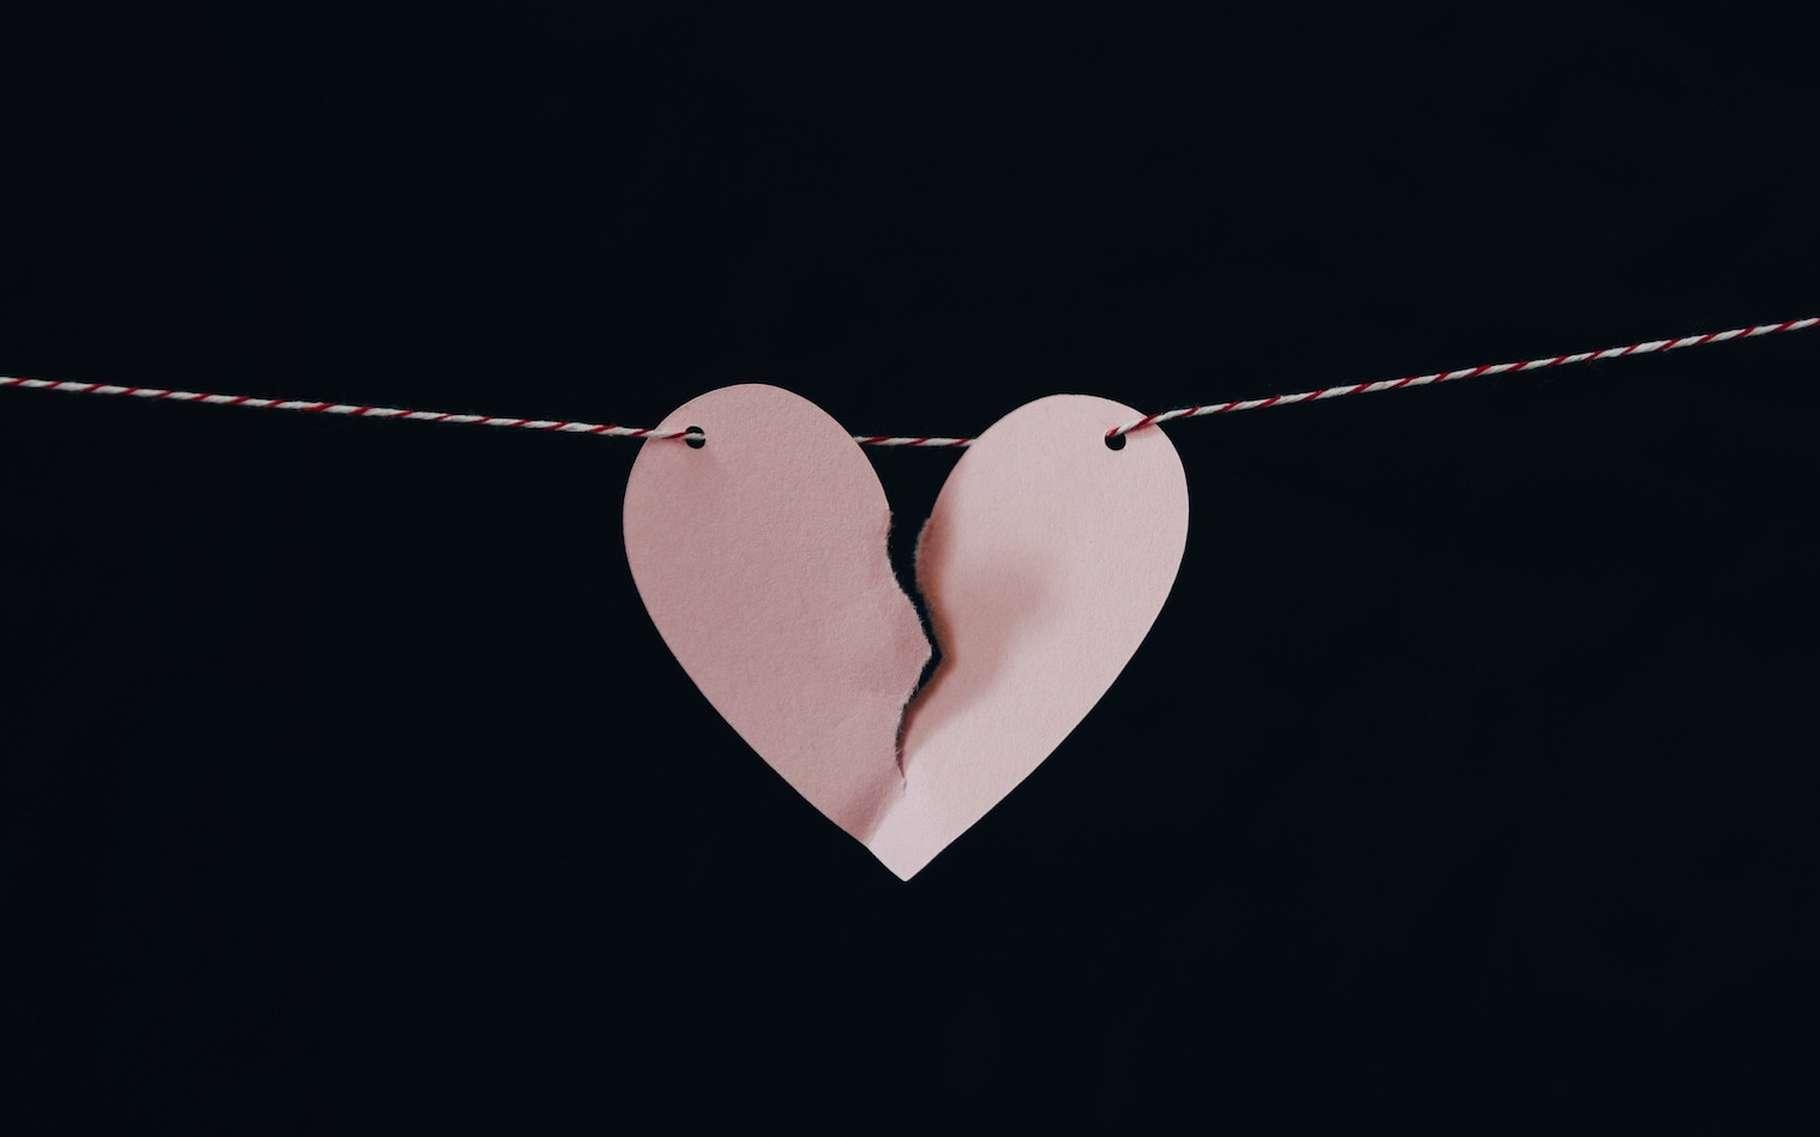 L'amour peut briser les cœurs. Au sens propre du terme. Les spécialistes parlent alors de cardiomyopathie de Tako-Tsubo. © Kelly Sikkema, Unsplash